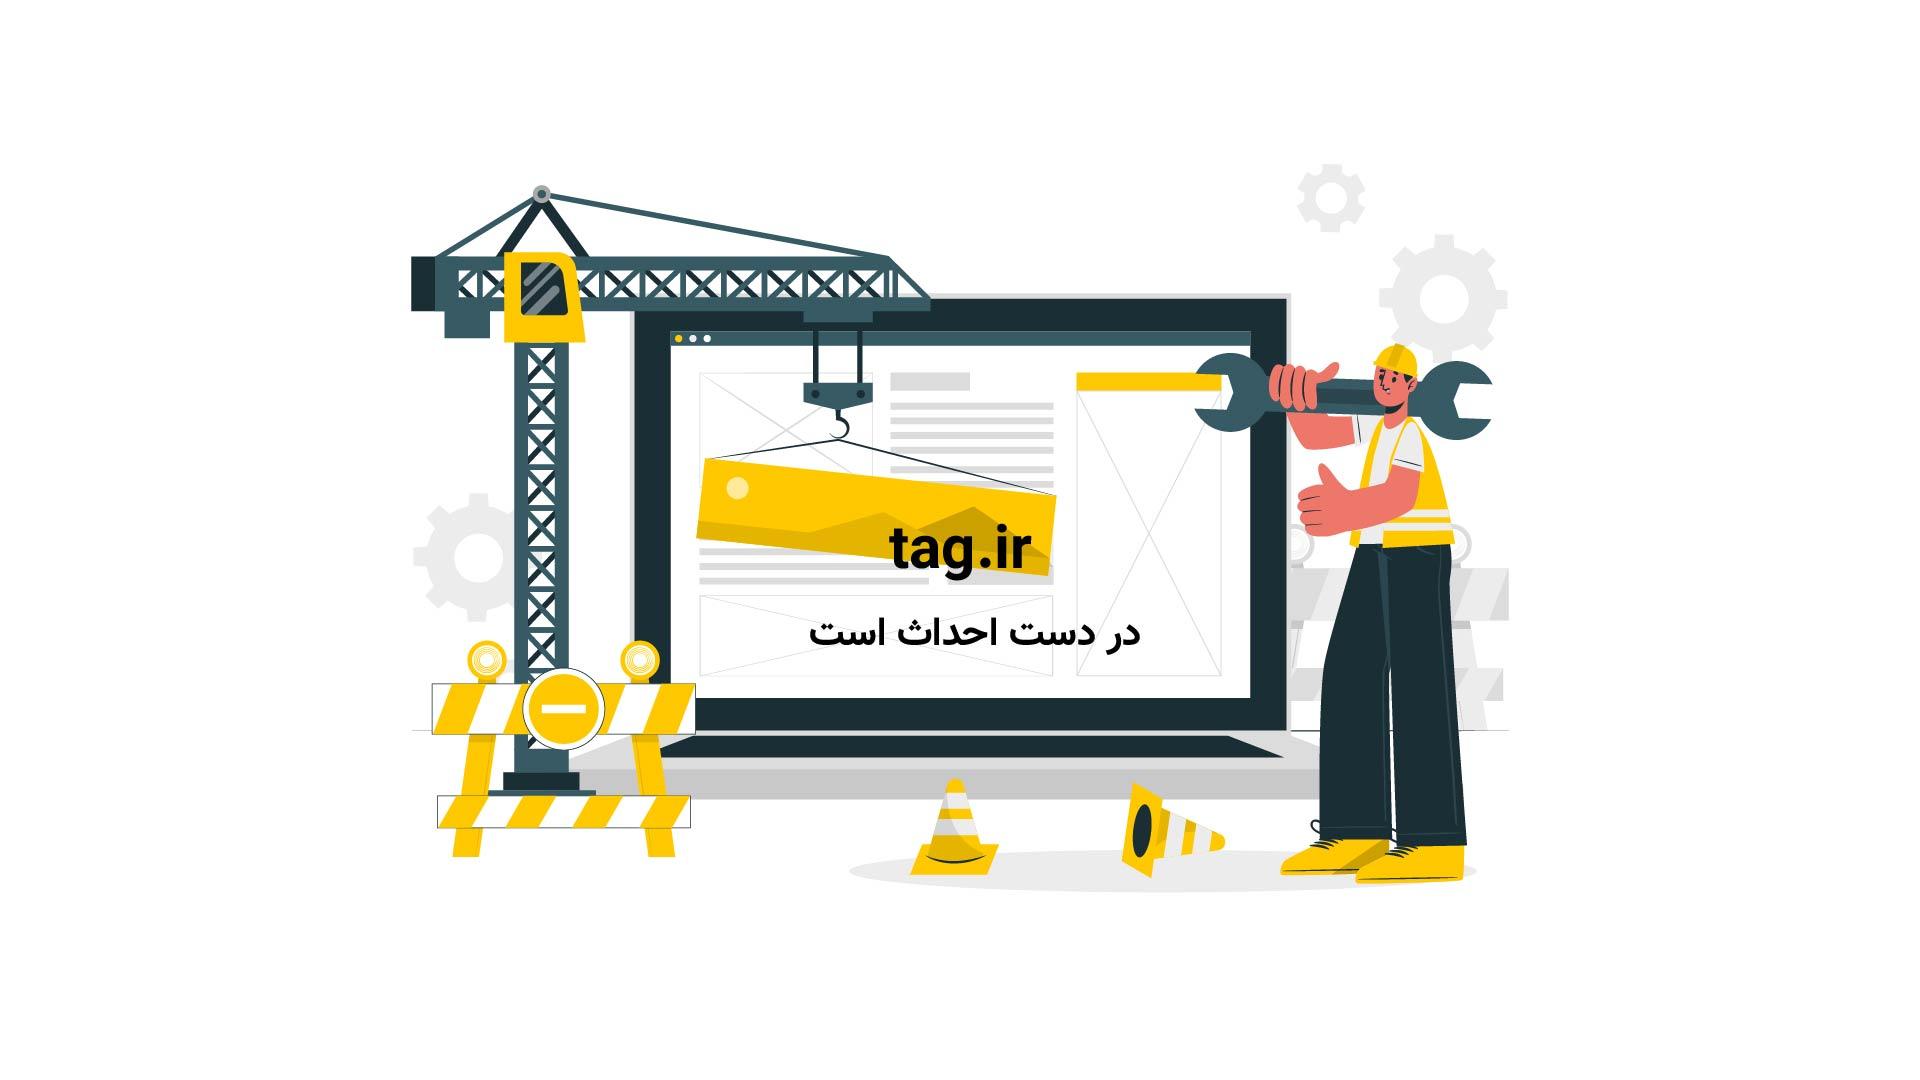 ریزش معدن در ترکیه و مرگ ۶ نفر | فیلم